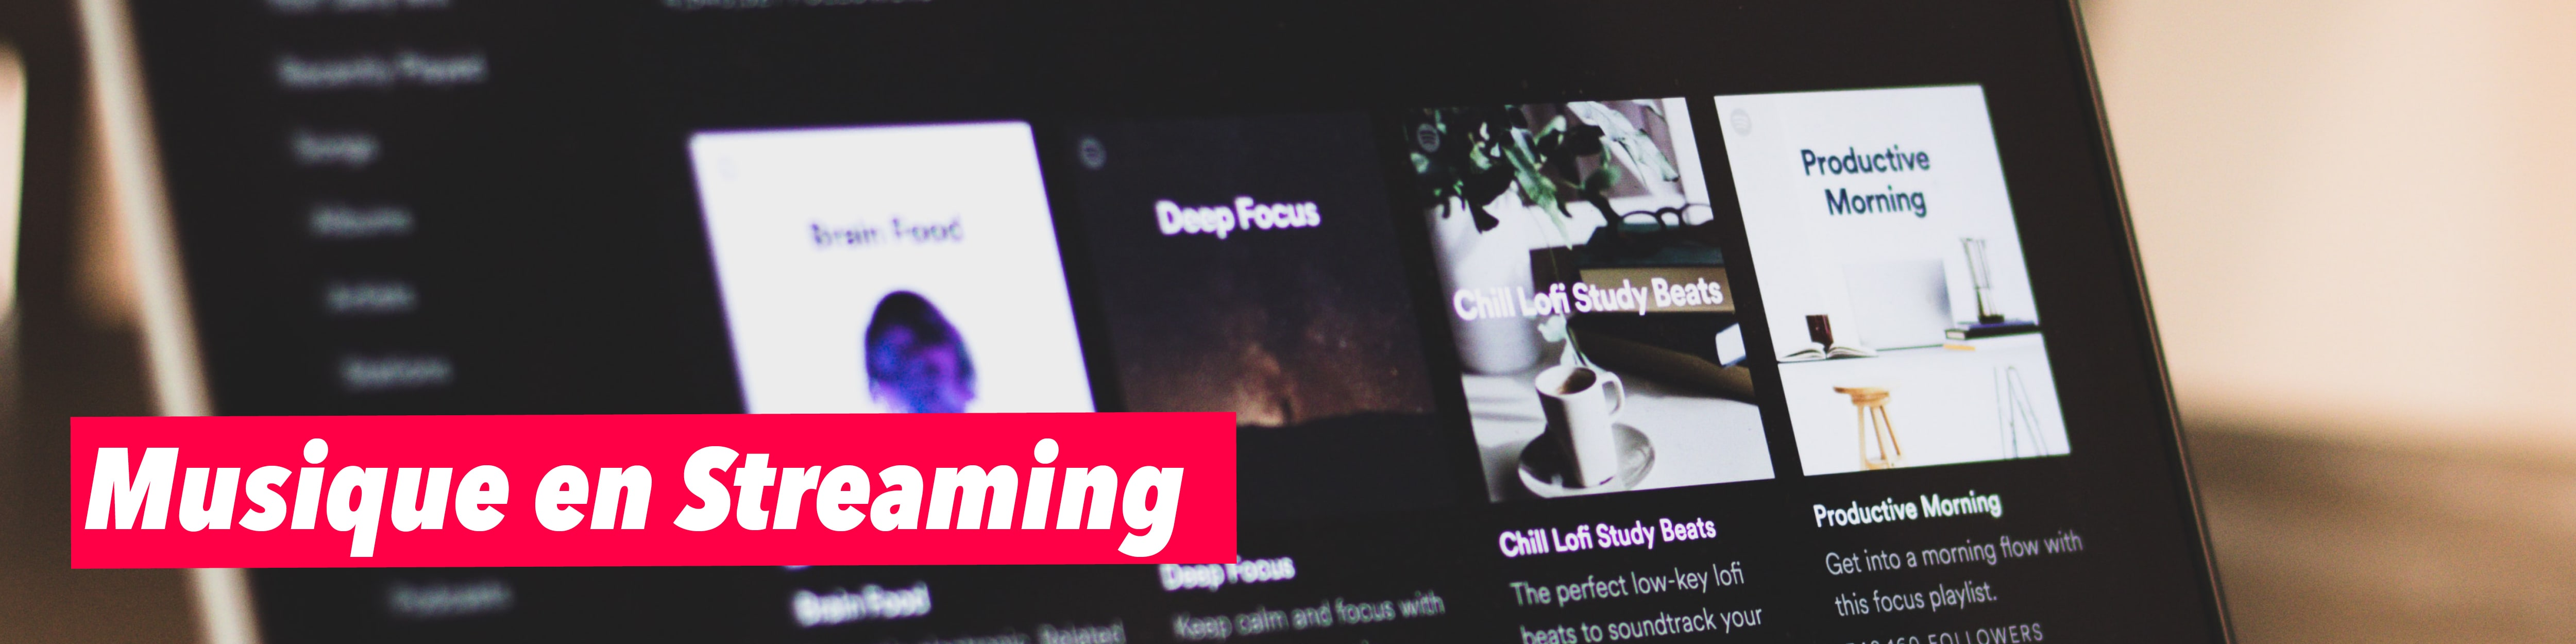 Comment limiter facilement mon impact environnemental du numérique sur les plateformes de streaming (Netflix, Prime, Youtube, Spotify) ?